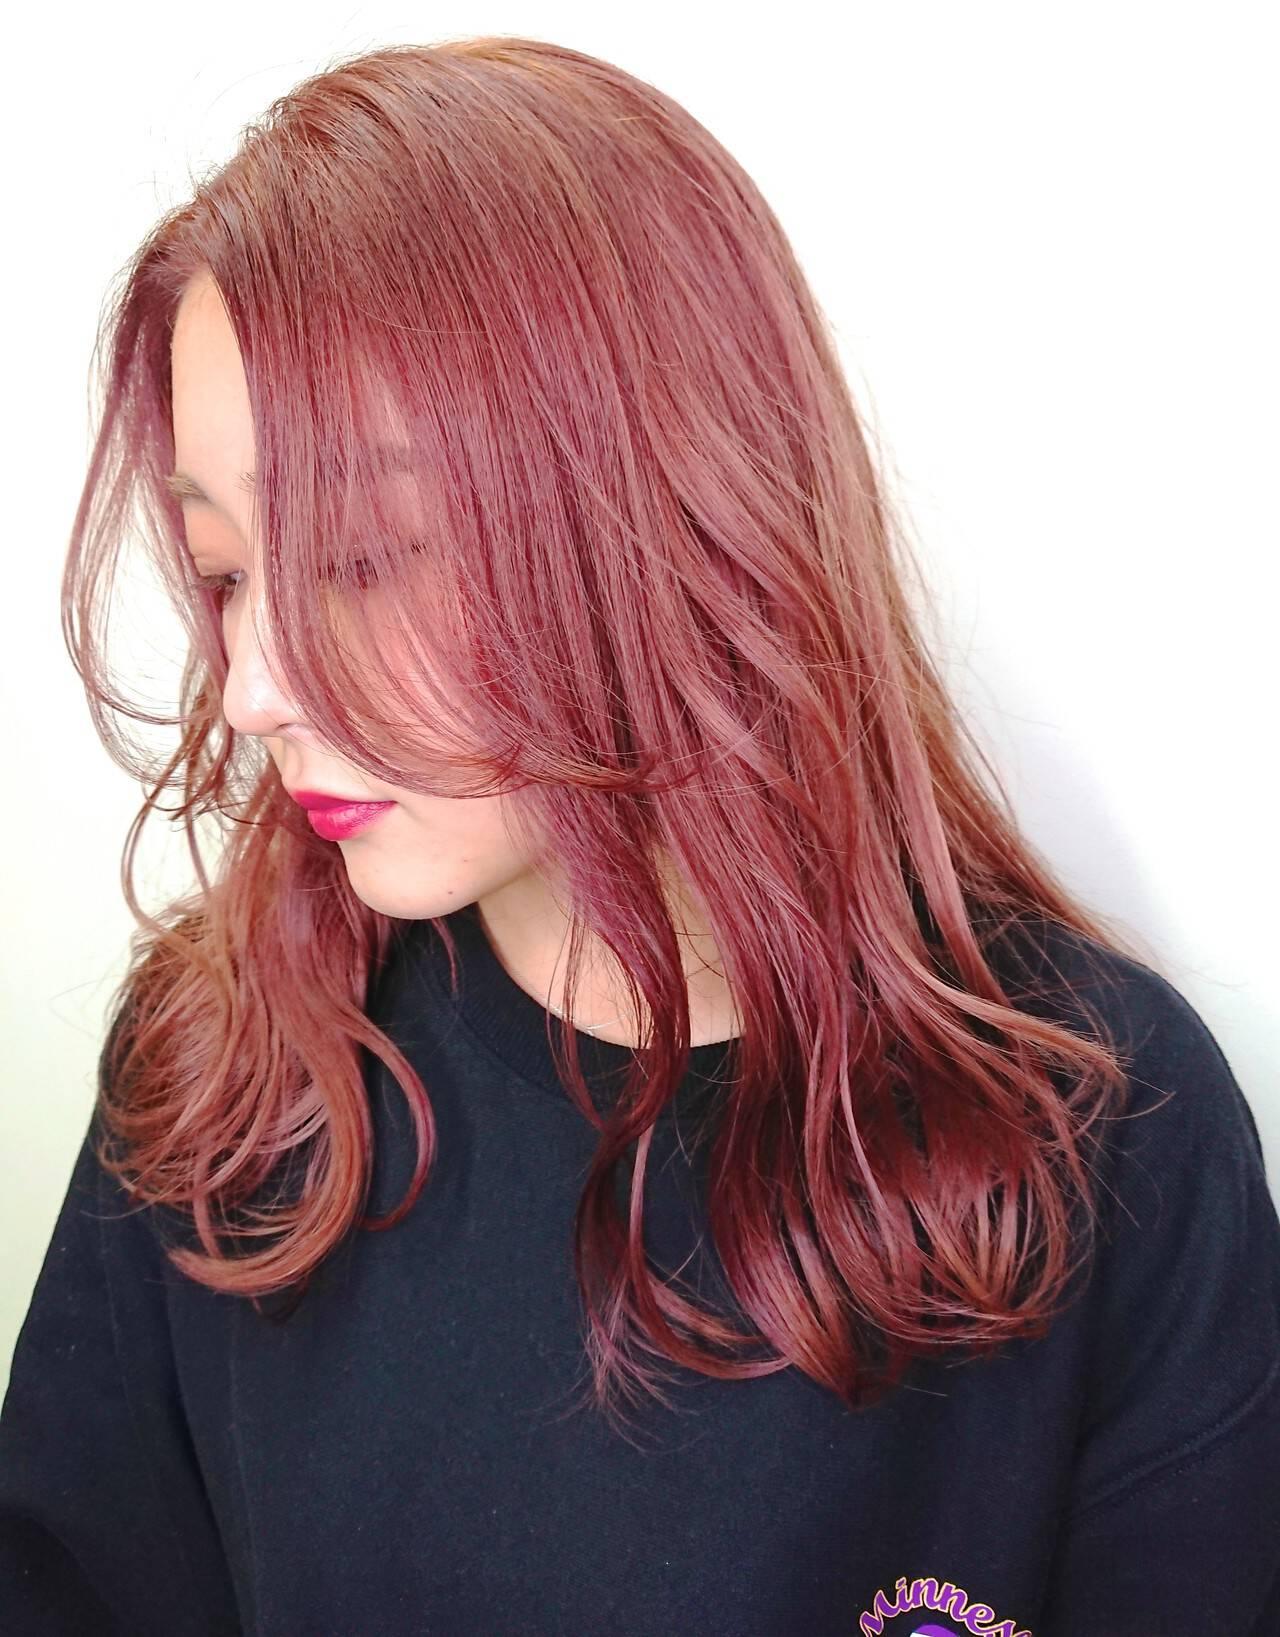 TOKIOトリートメント ピンクカラー ブリーチ ヘアスタイルヘアスタイルや髪型の写真・画像